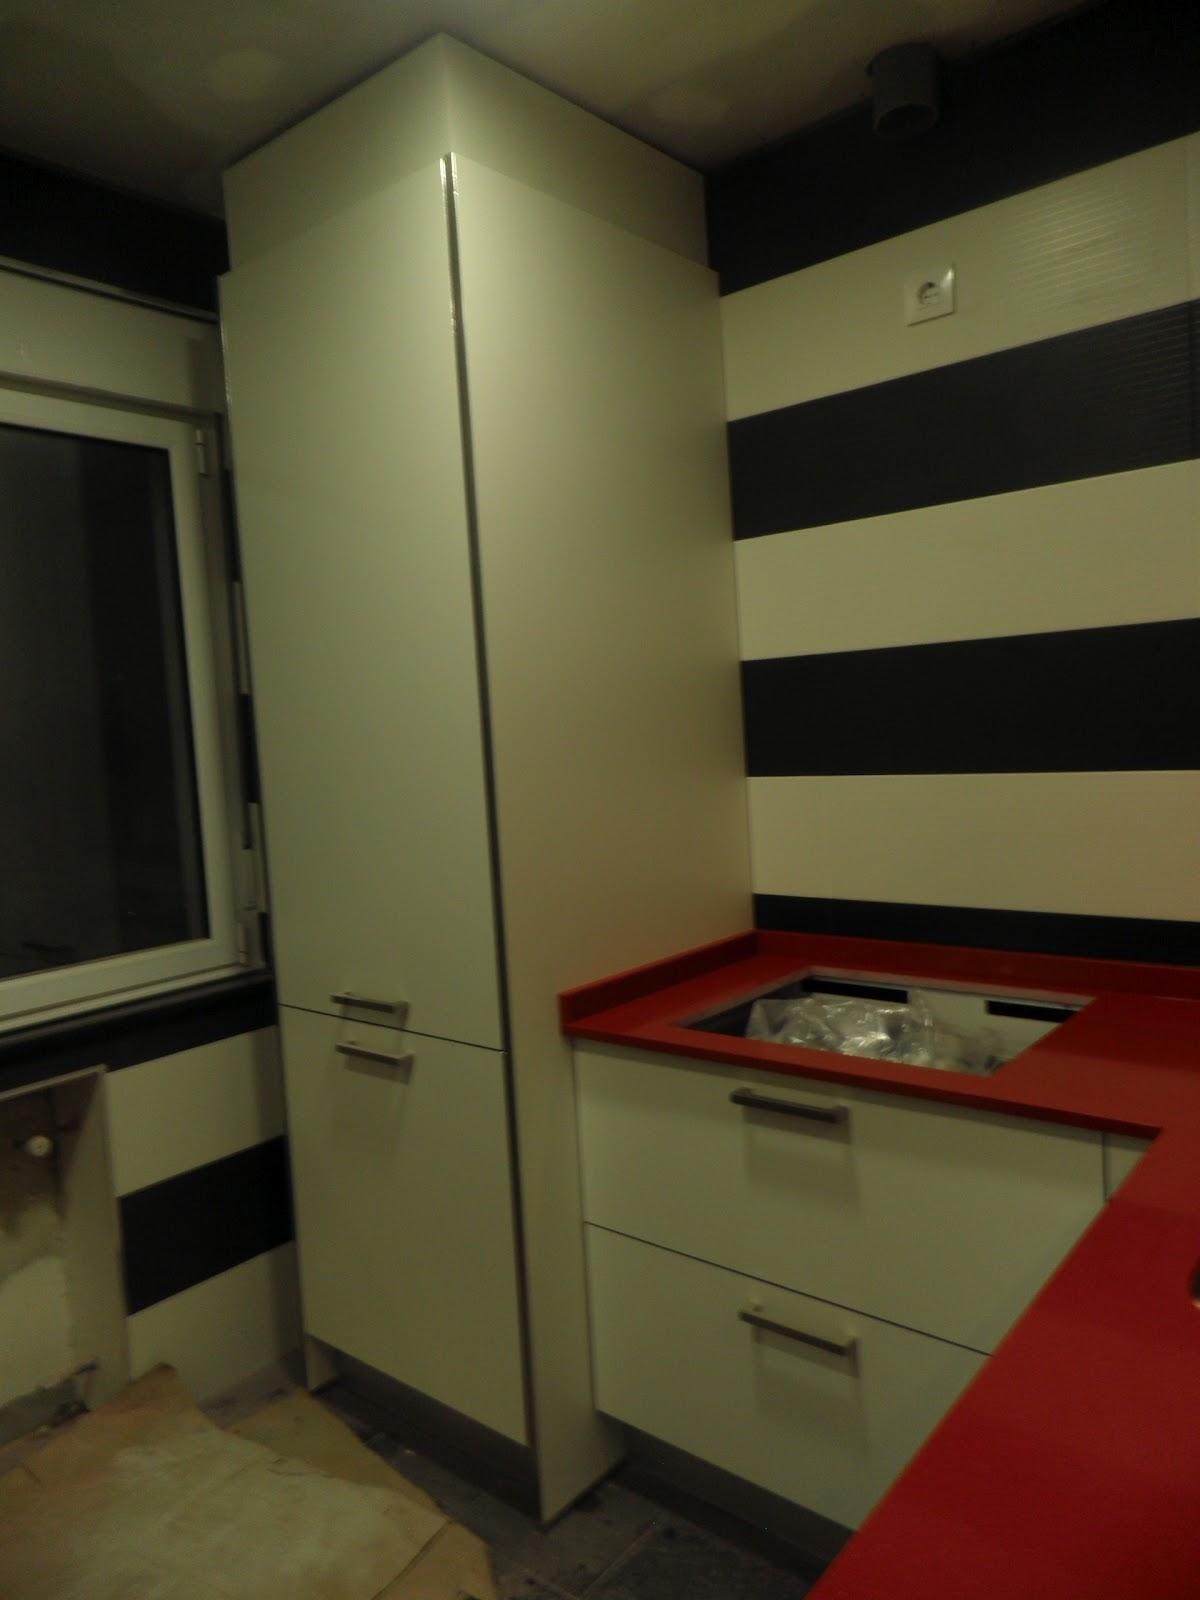 Interiorismo y decoracion lola torga dise o de una cocina - Pasaplatos cocina ...